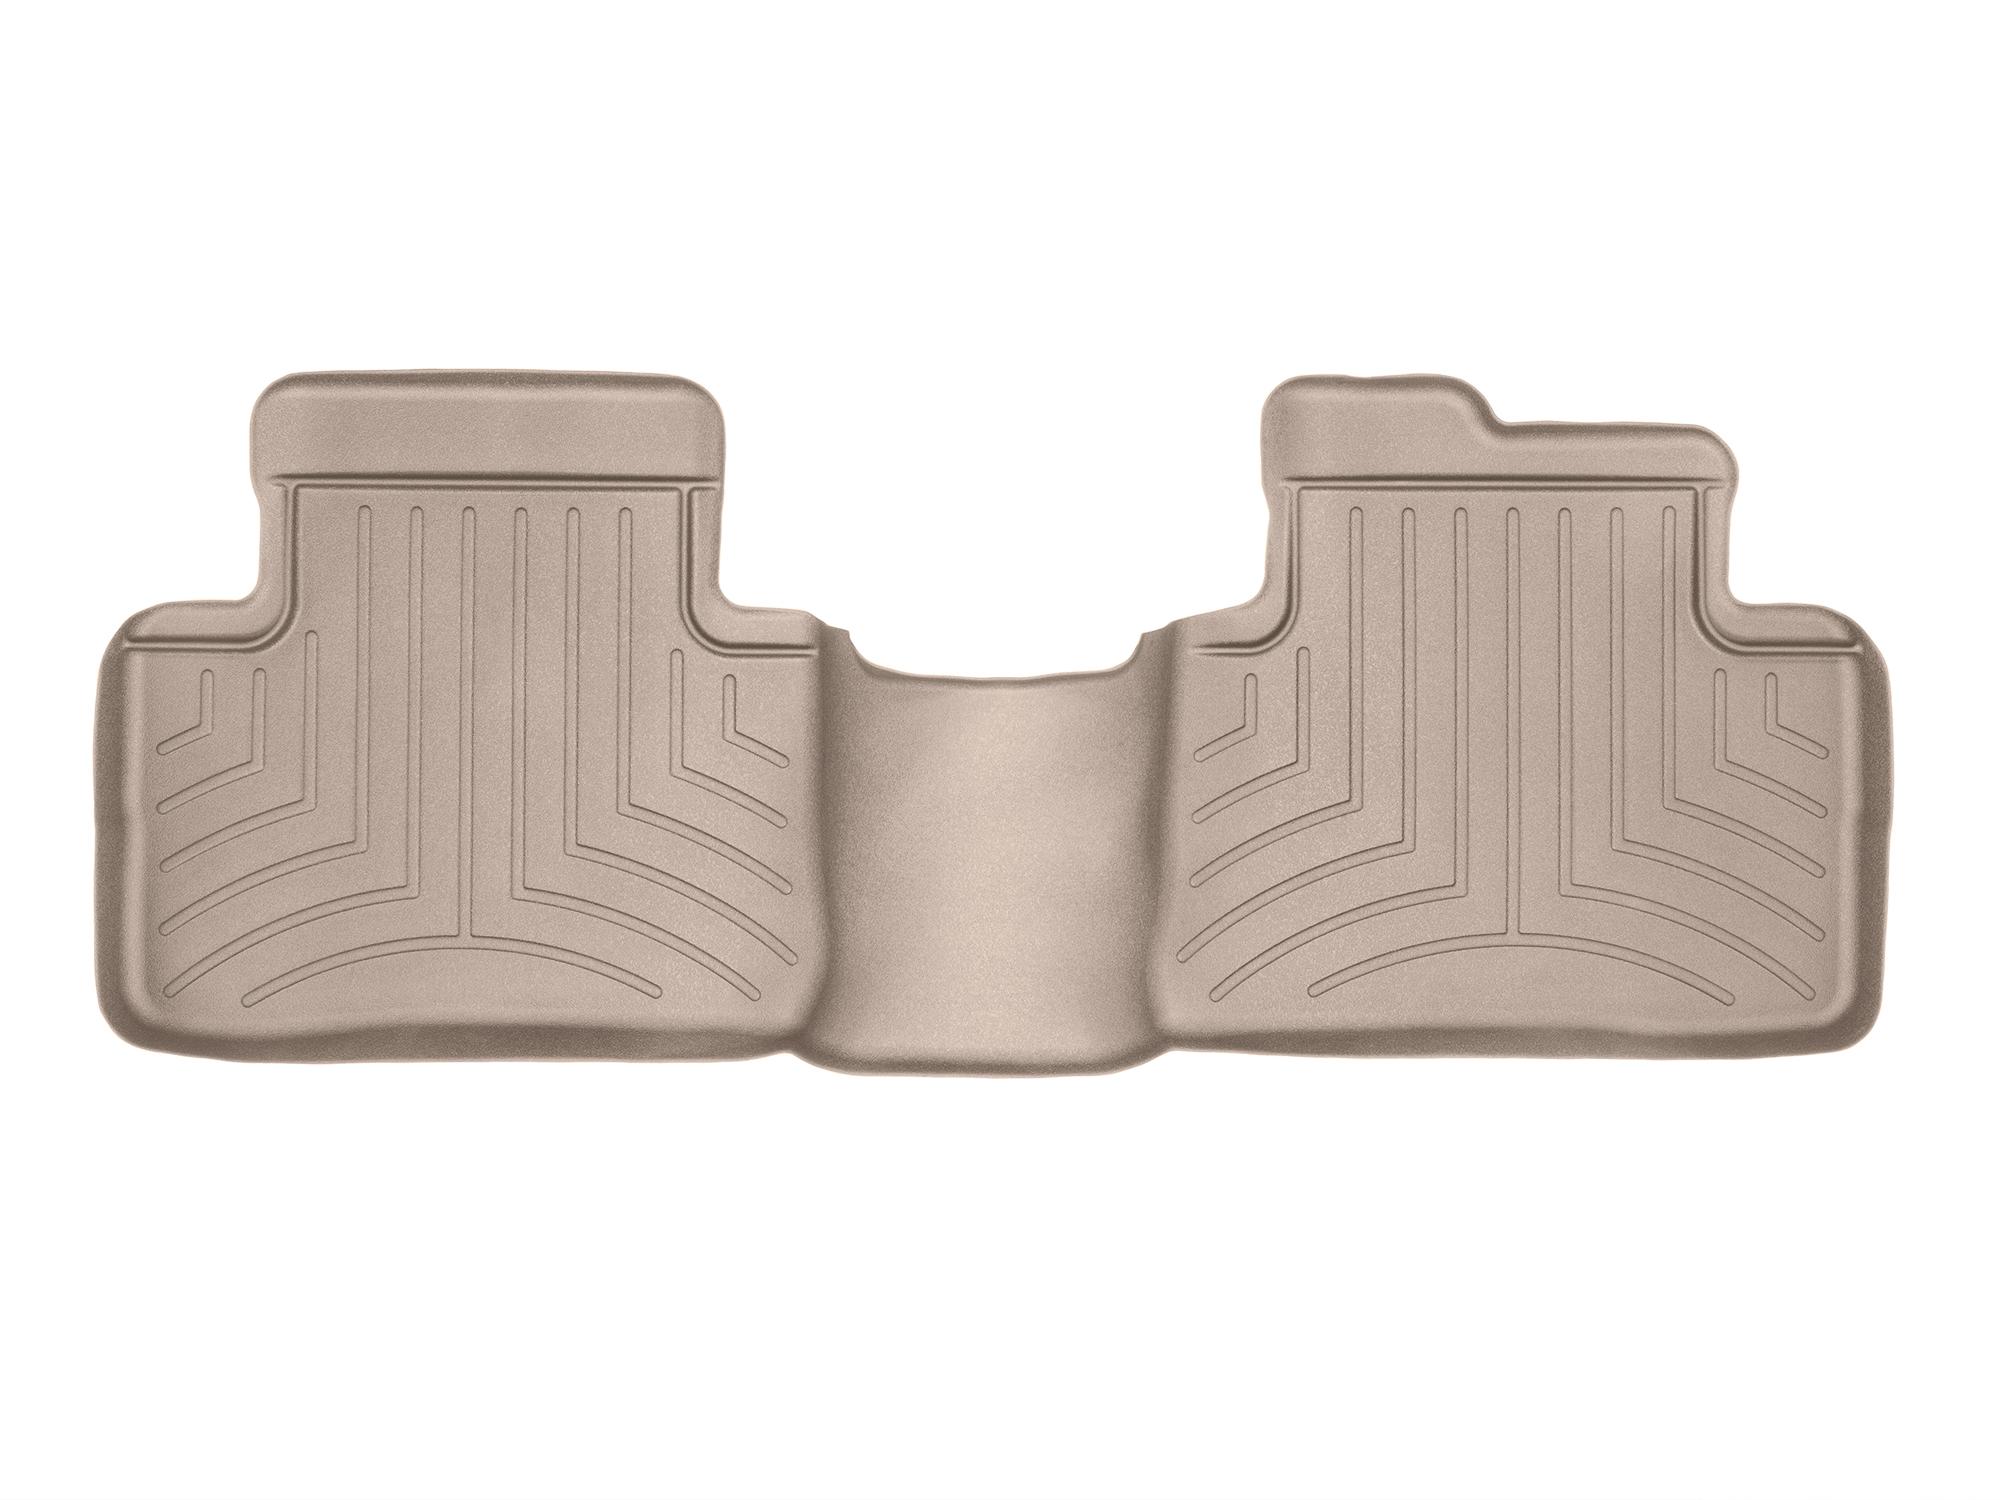 Tappeti gomma su misura bordo alto Nissan X-Trail 14>14 Marrone A2935